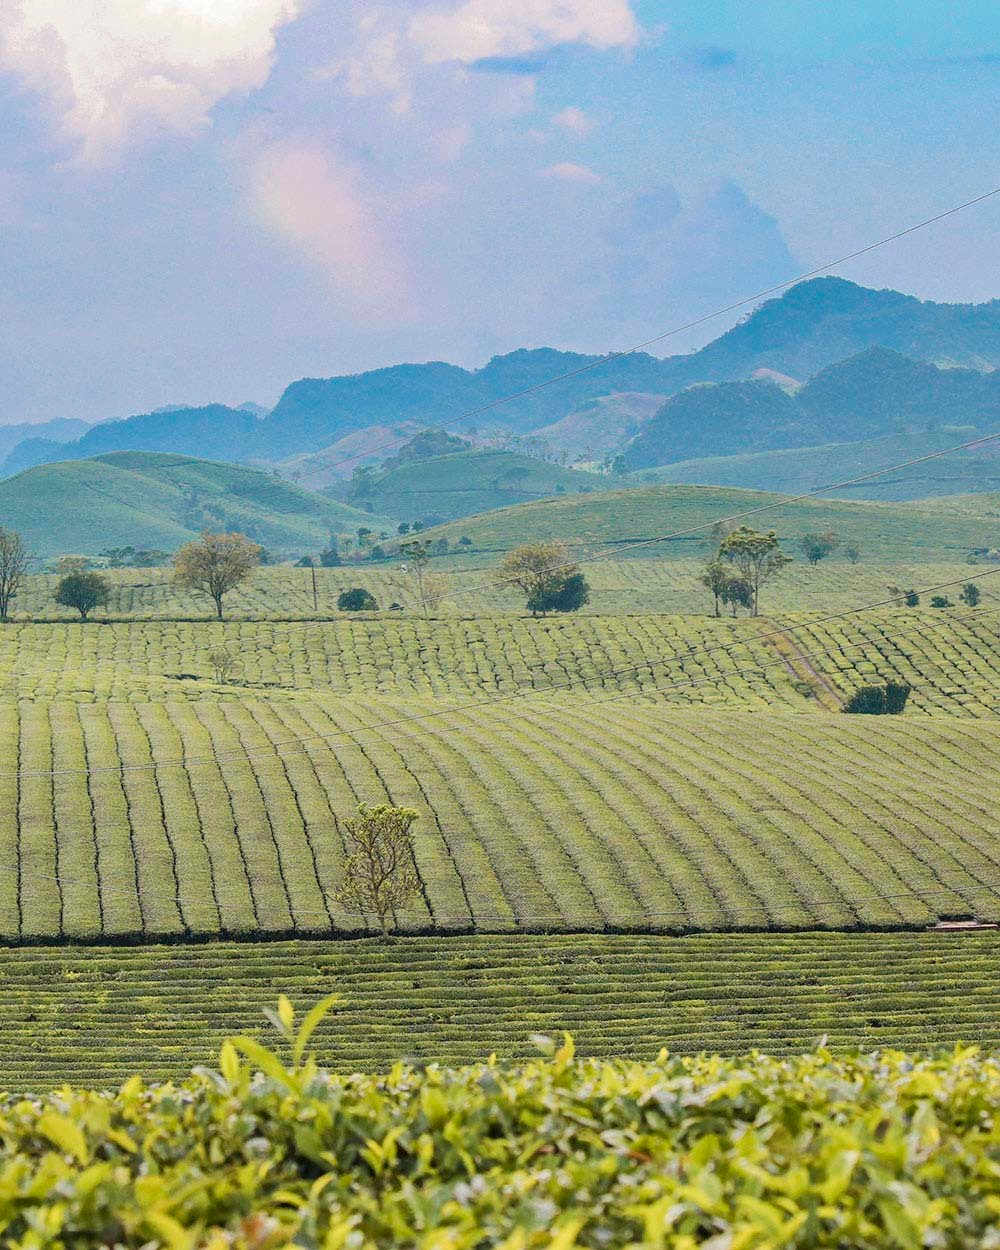 Moc Chau Tea Plantation. Photo: Duc Giang